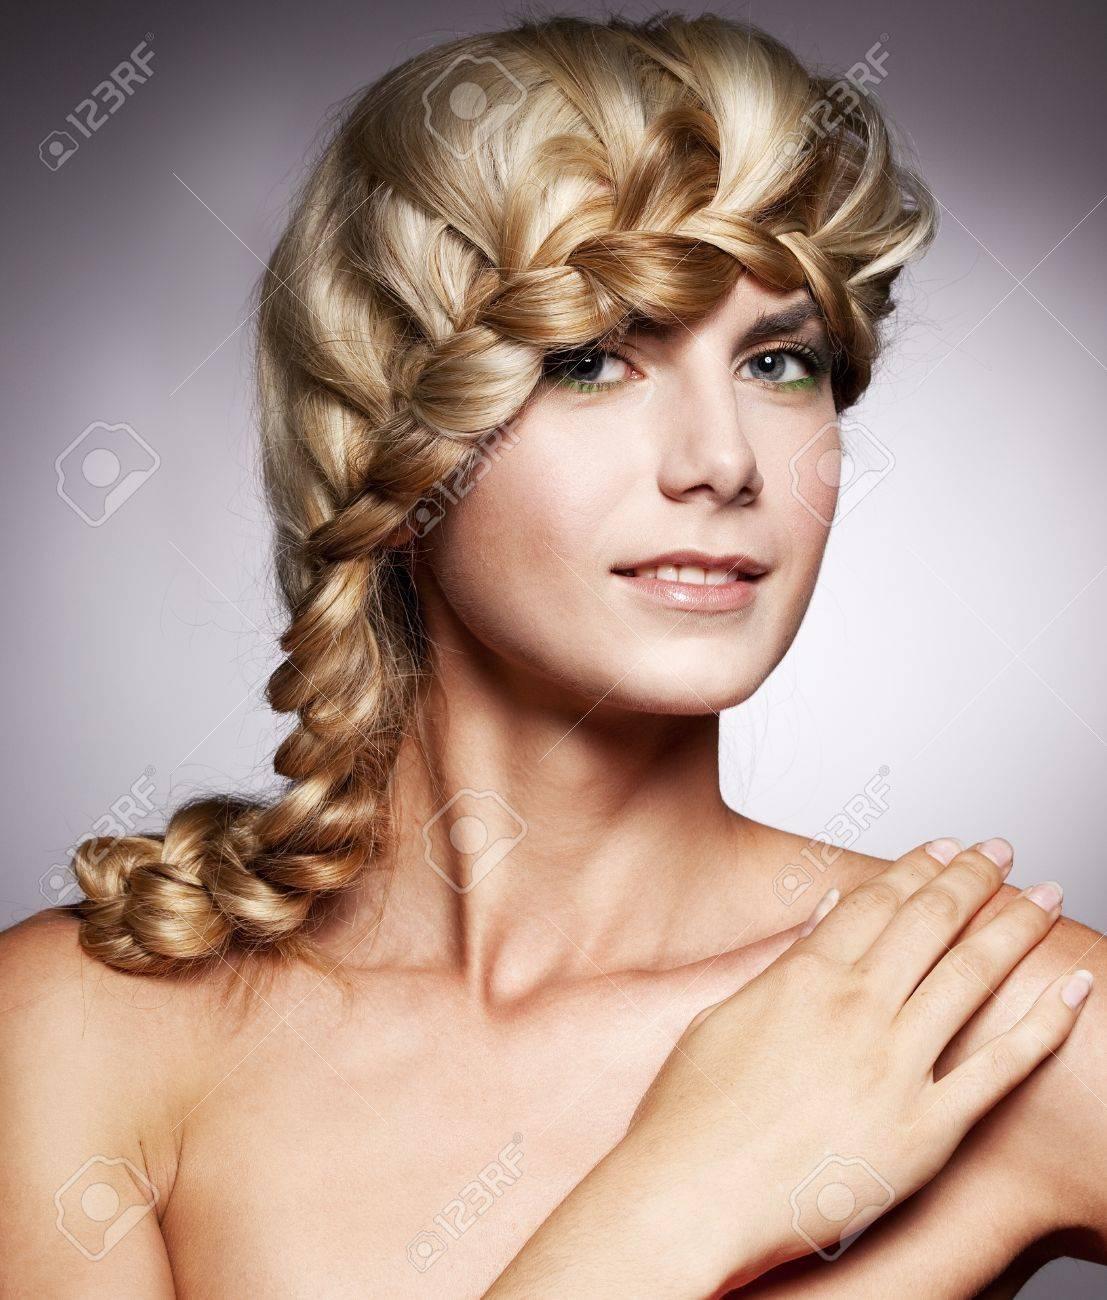 Schöne Frau mit stilvollen Frisur mit Zopf